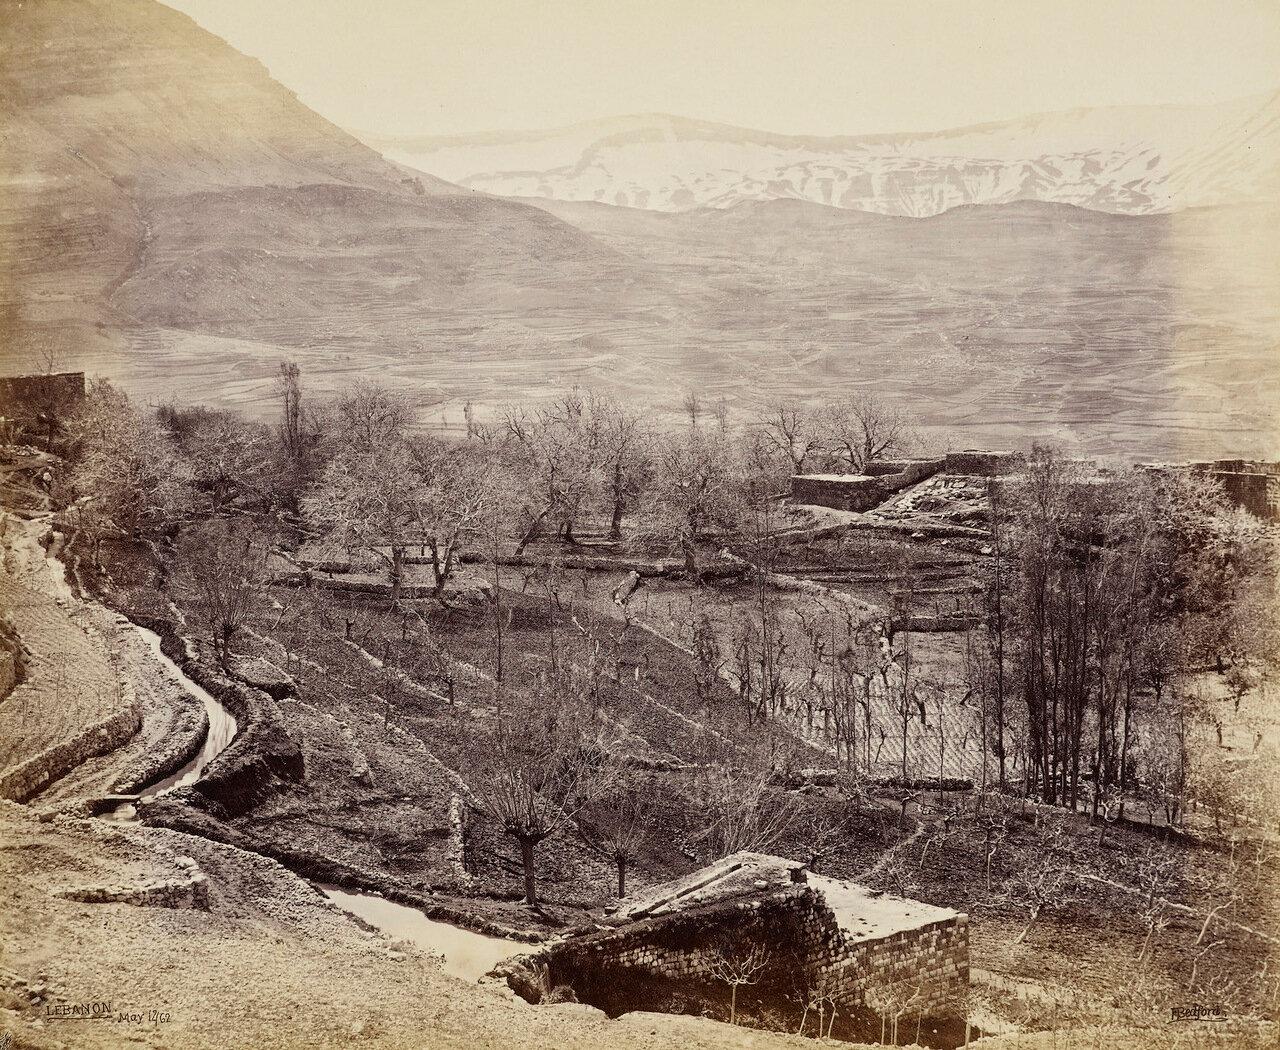 12 мая 1862. Деревня Ehden. Ливан